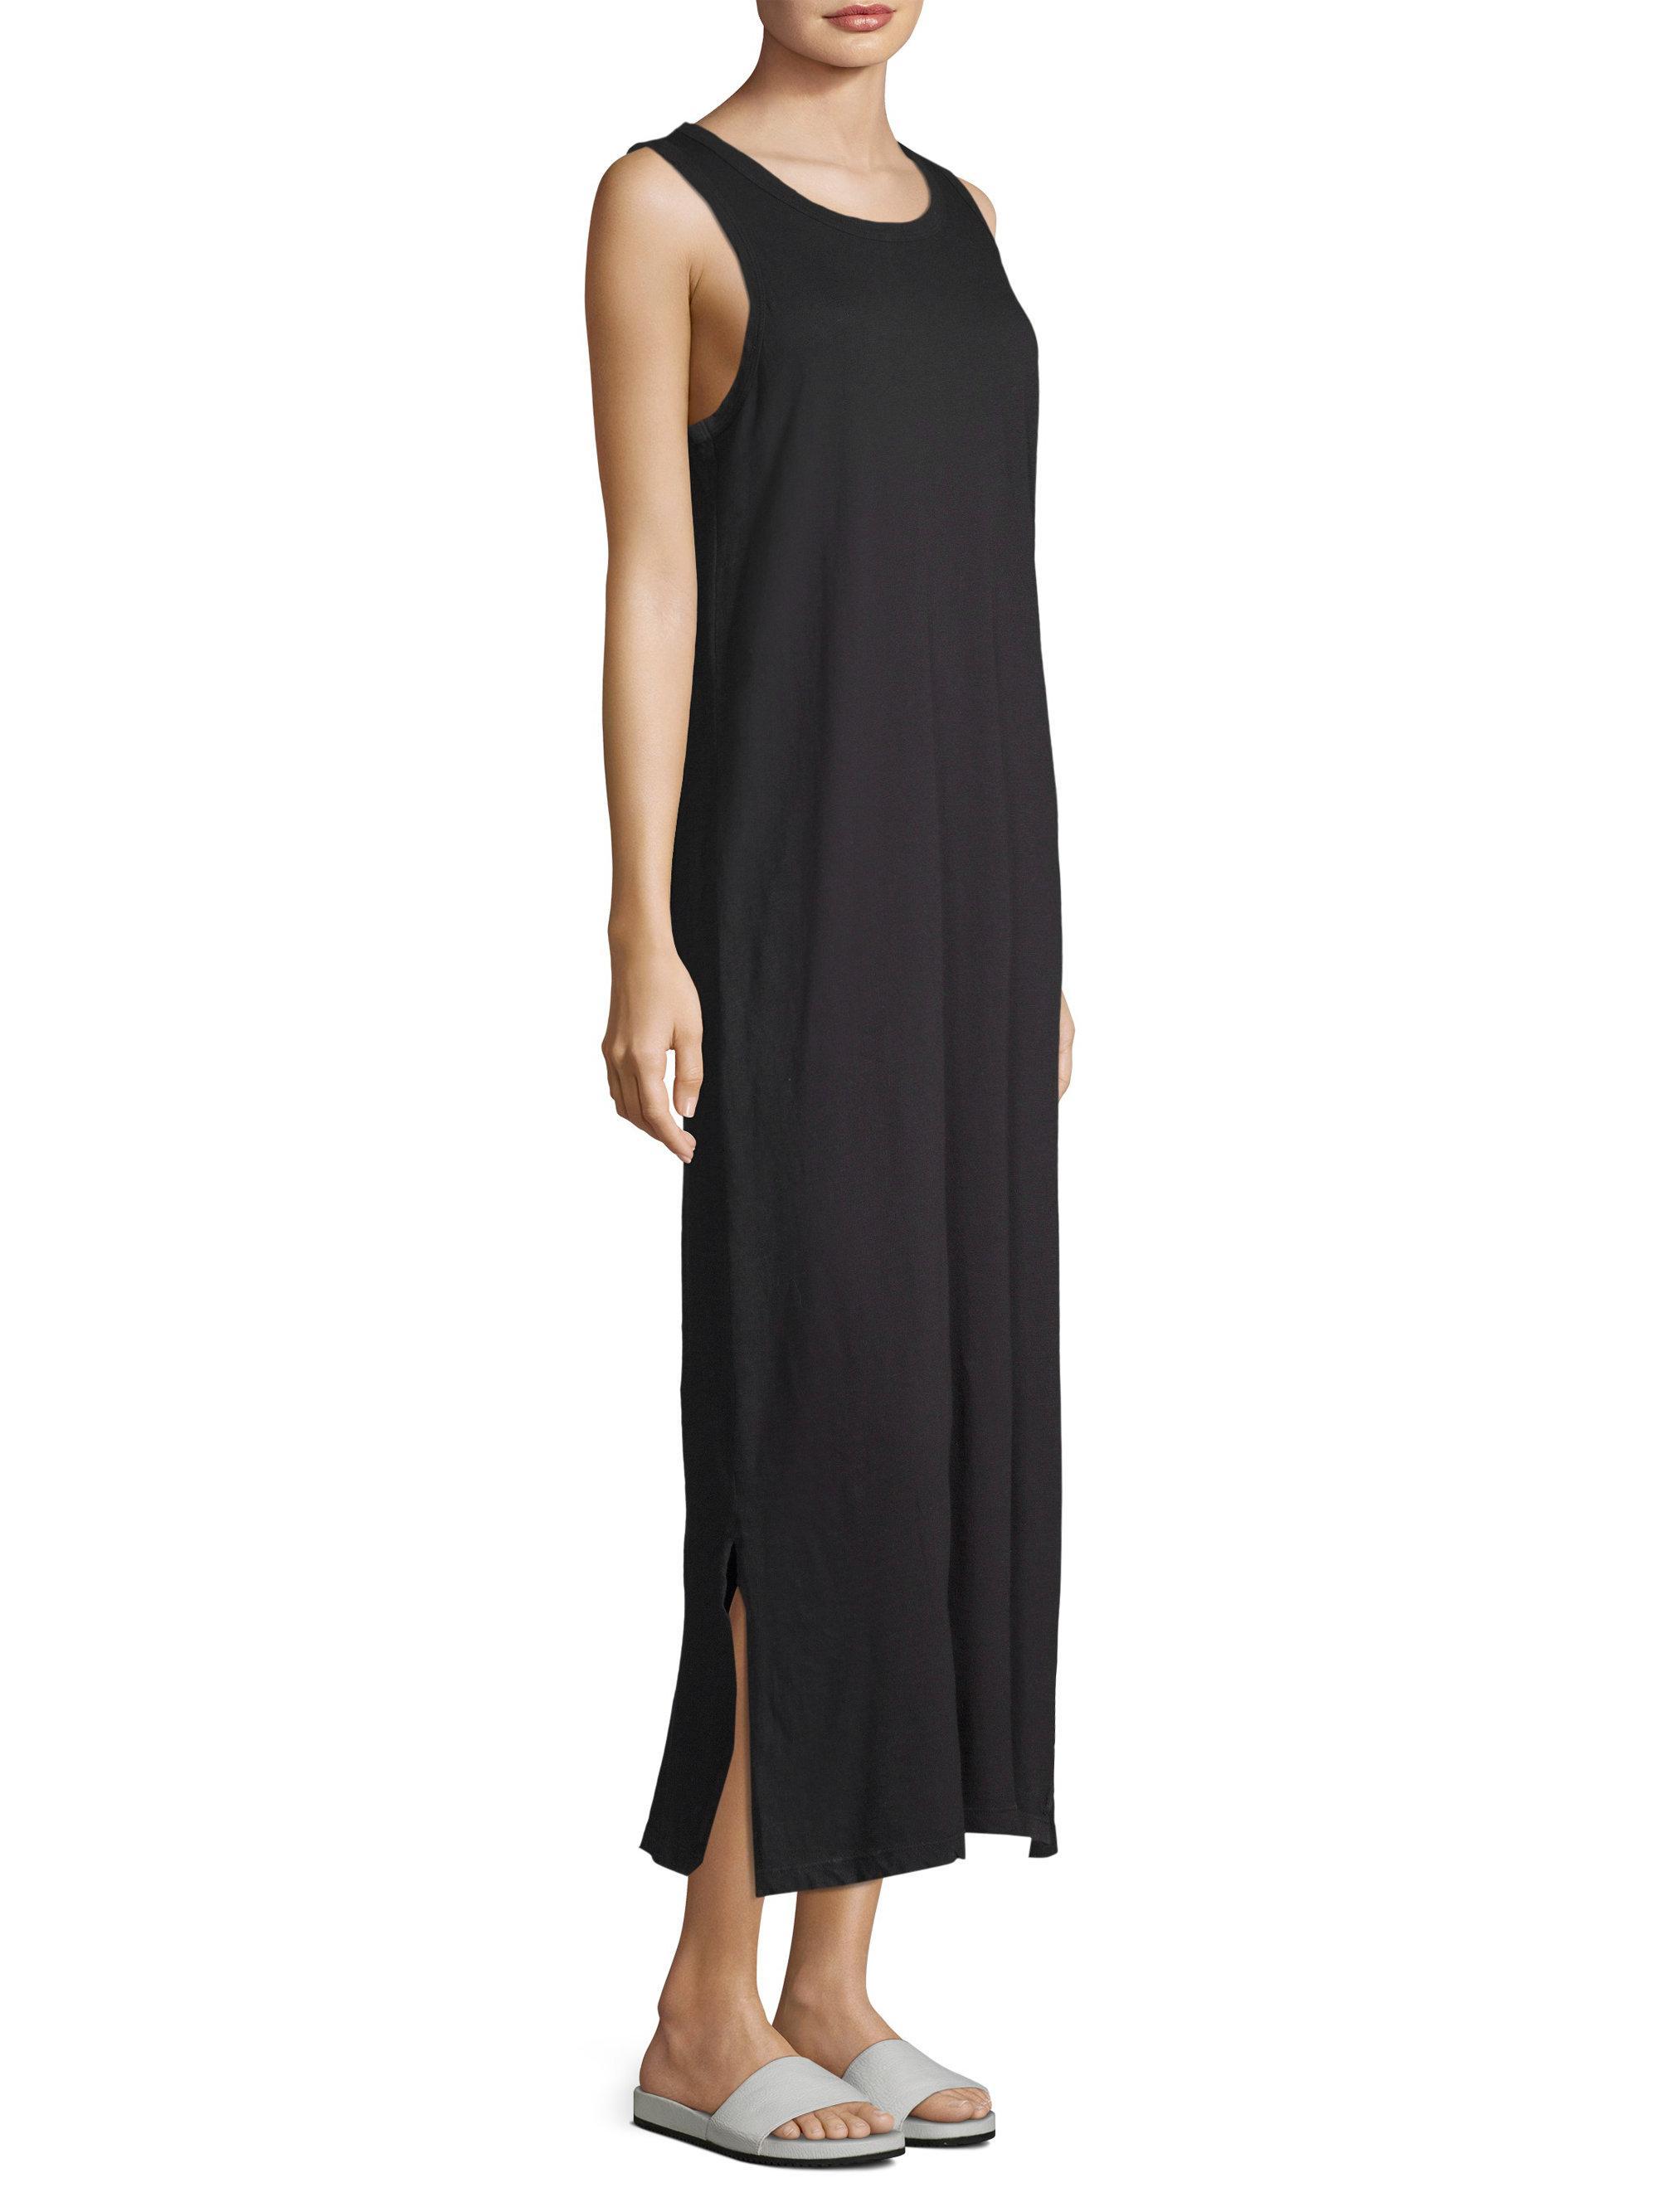 0bda5f0088efa8 Current Elliott The Perfect Muscle Tank Dress in Black - Lyst